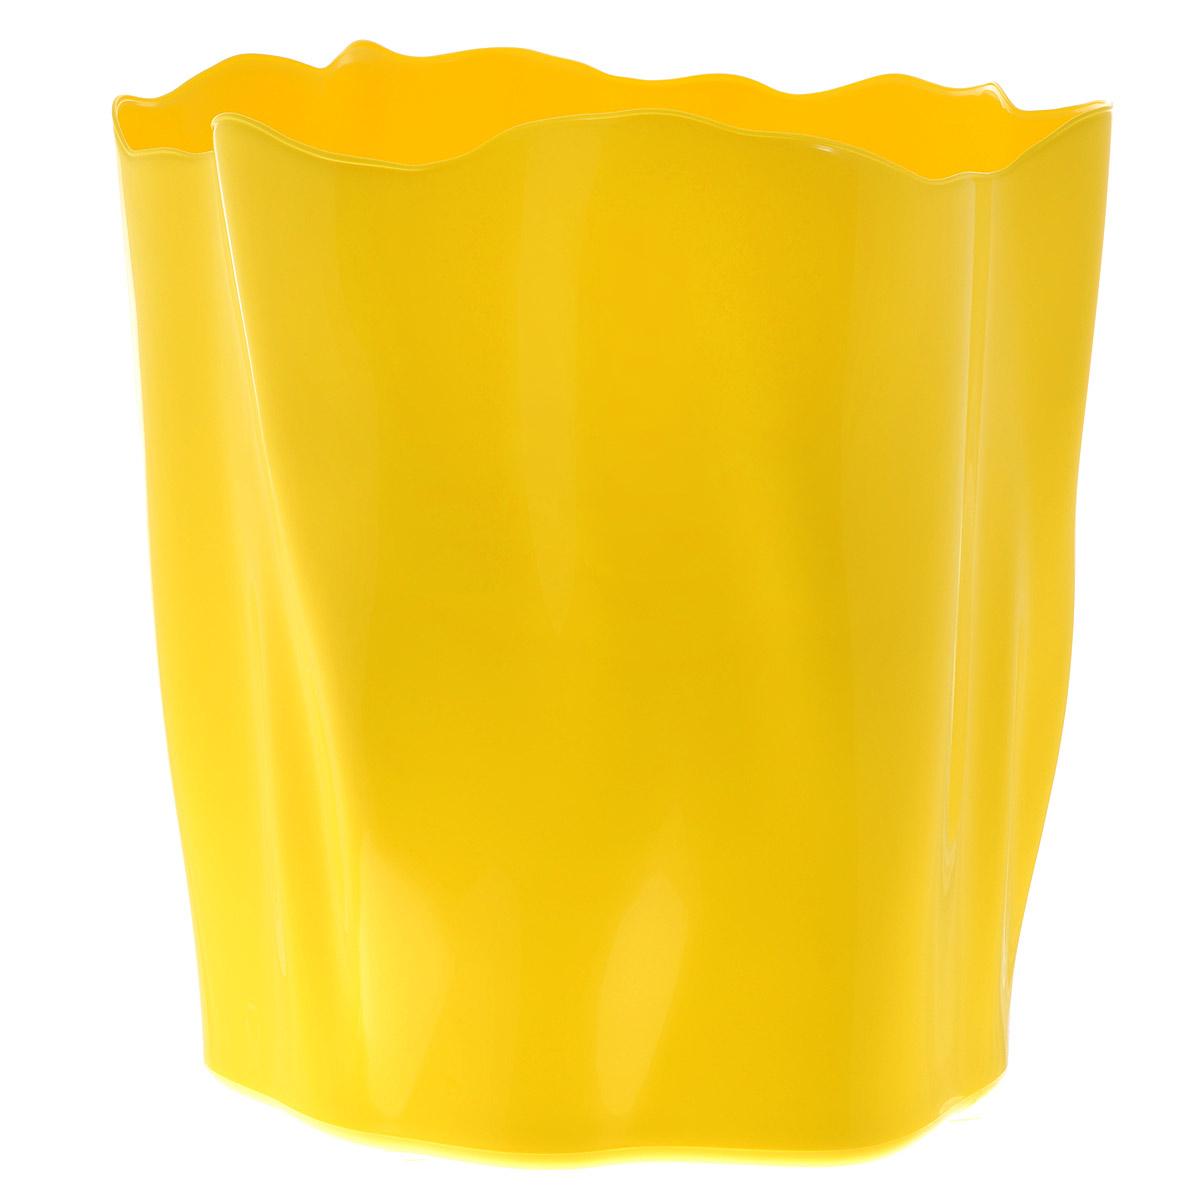 Органайзер Qualy Flow, большой, цвет: желтый, диаметр 27 смCLP446Органайзер Qualy Flow может пригодиться на кухне, в ванной, в гостиной, на даче, на природе, в городе, в деревне. В него можно складывать фрукты, овощи, хлеб, кухонные приборы и аксессуары, всевозможные баночки, можно использовать органайзер как мусорную корзину, вазу. Все зависит от вашей фантазии и от хозяйственных потребностей! Пластиковый оригинальный органайзер пригодится везде!Диаметр: 27 см.Высота стенки: 28 см.